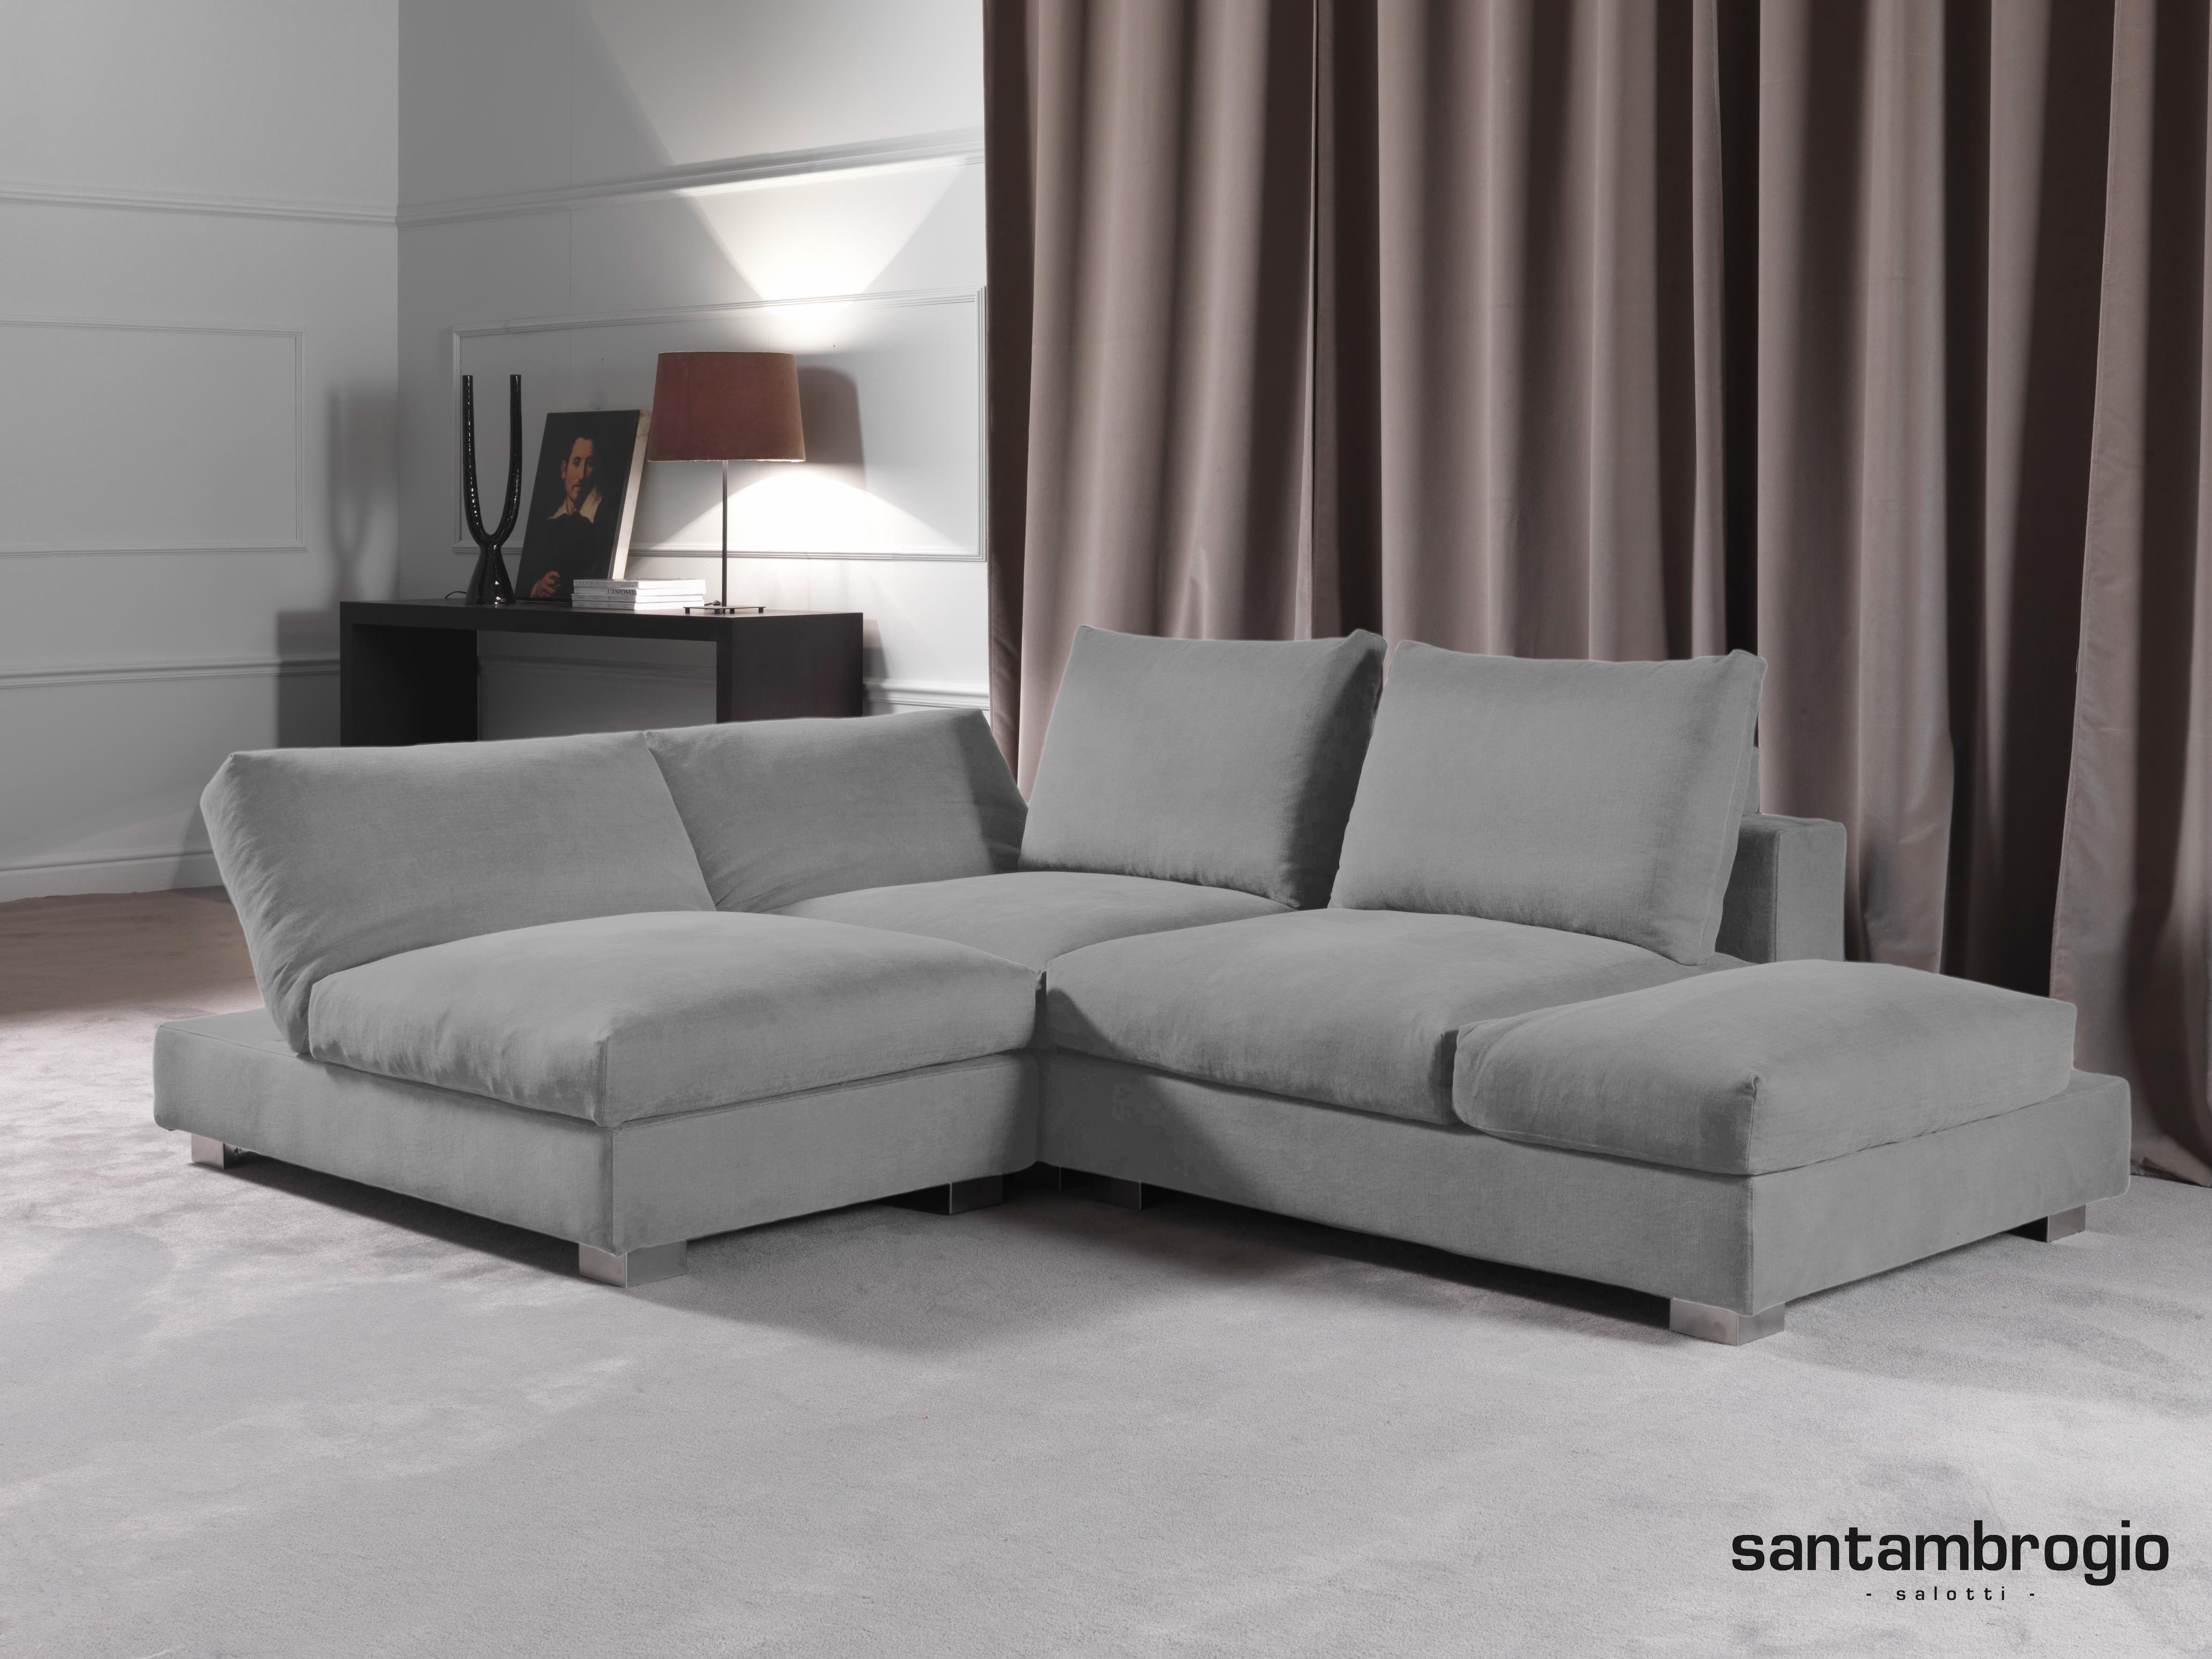 Divano angolare lugano colore grigio produzione for Divani salotti